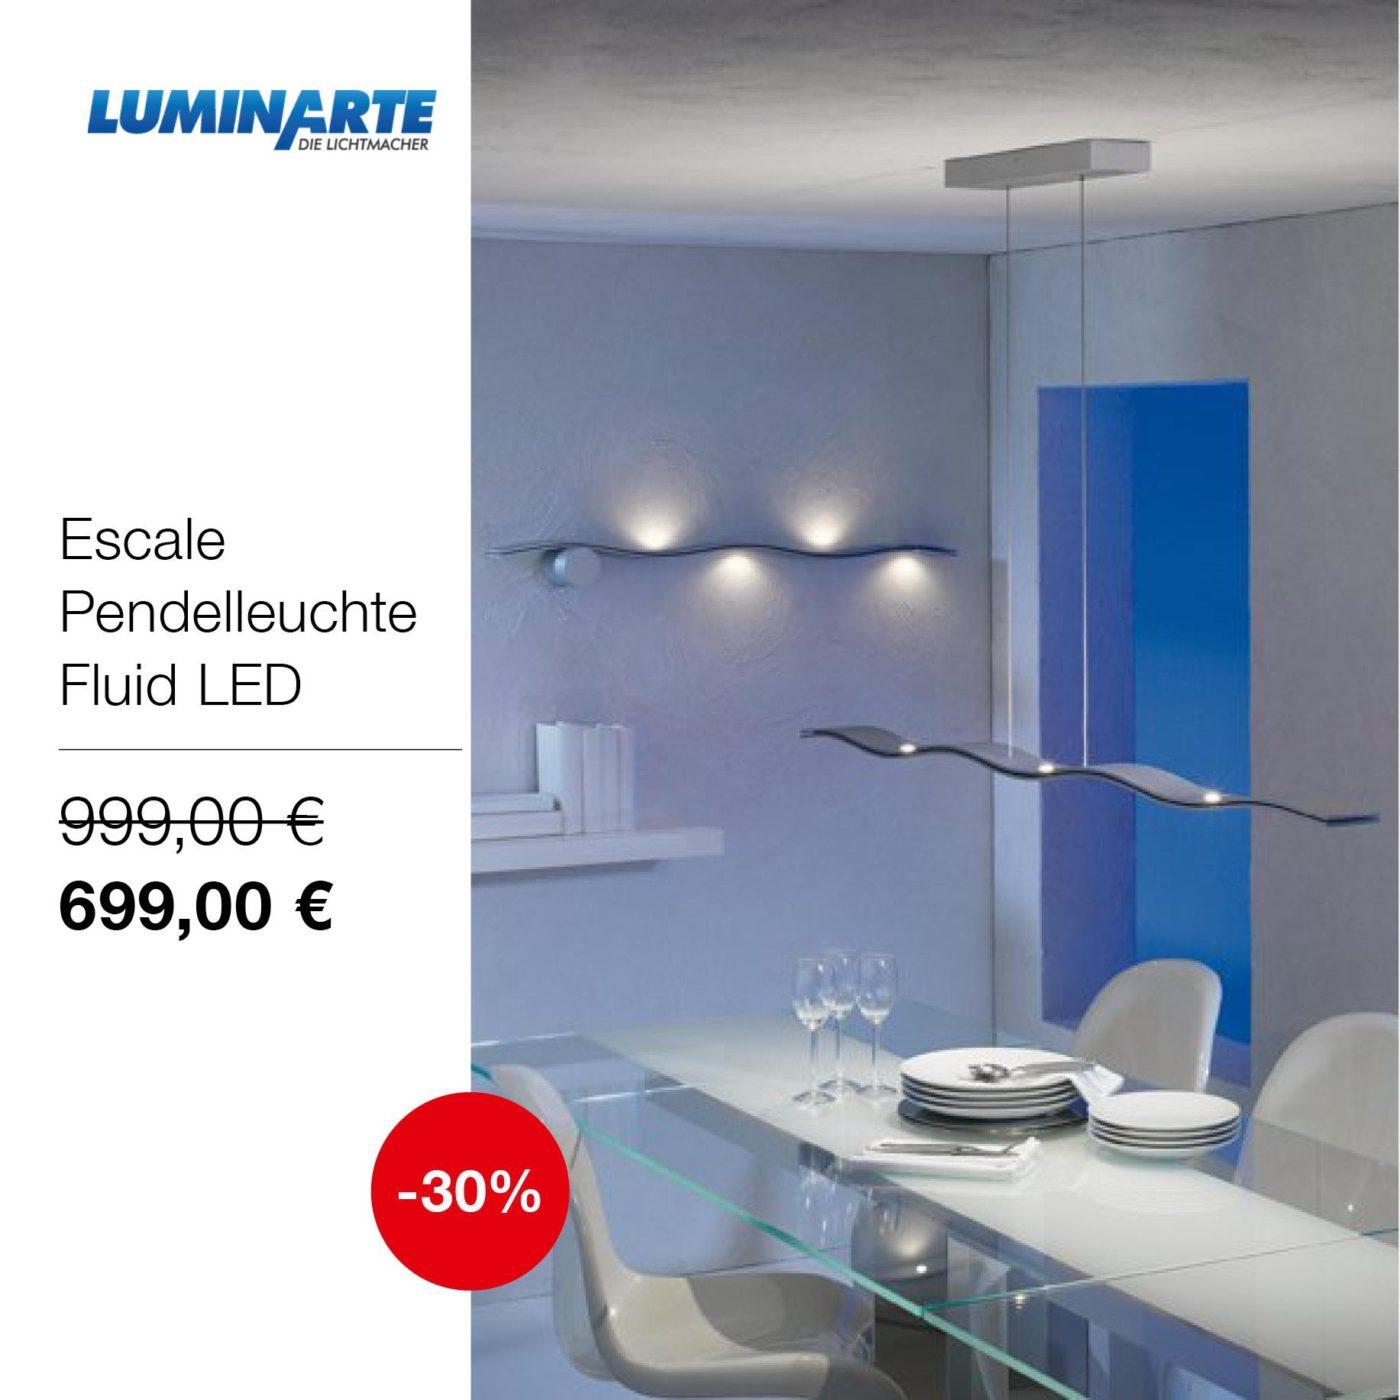 Luminarte-Abverkauf: Tolle Leuchten zu tollen Preisen